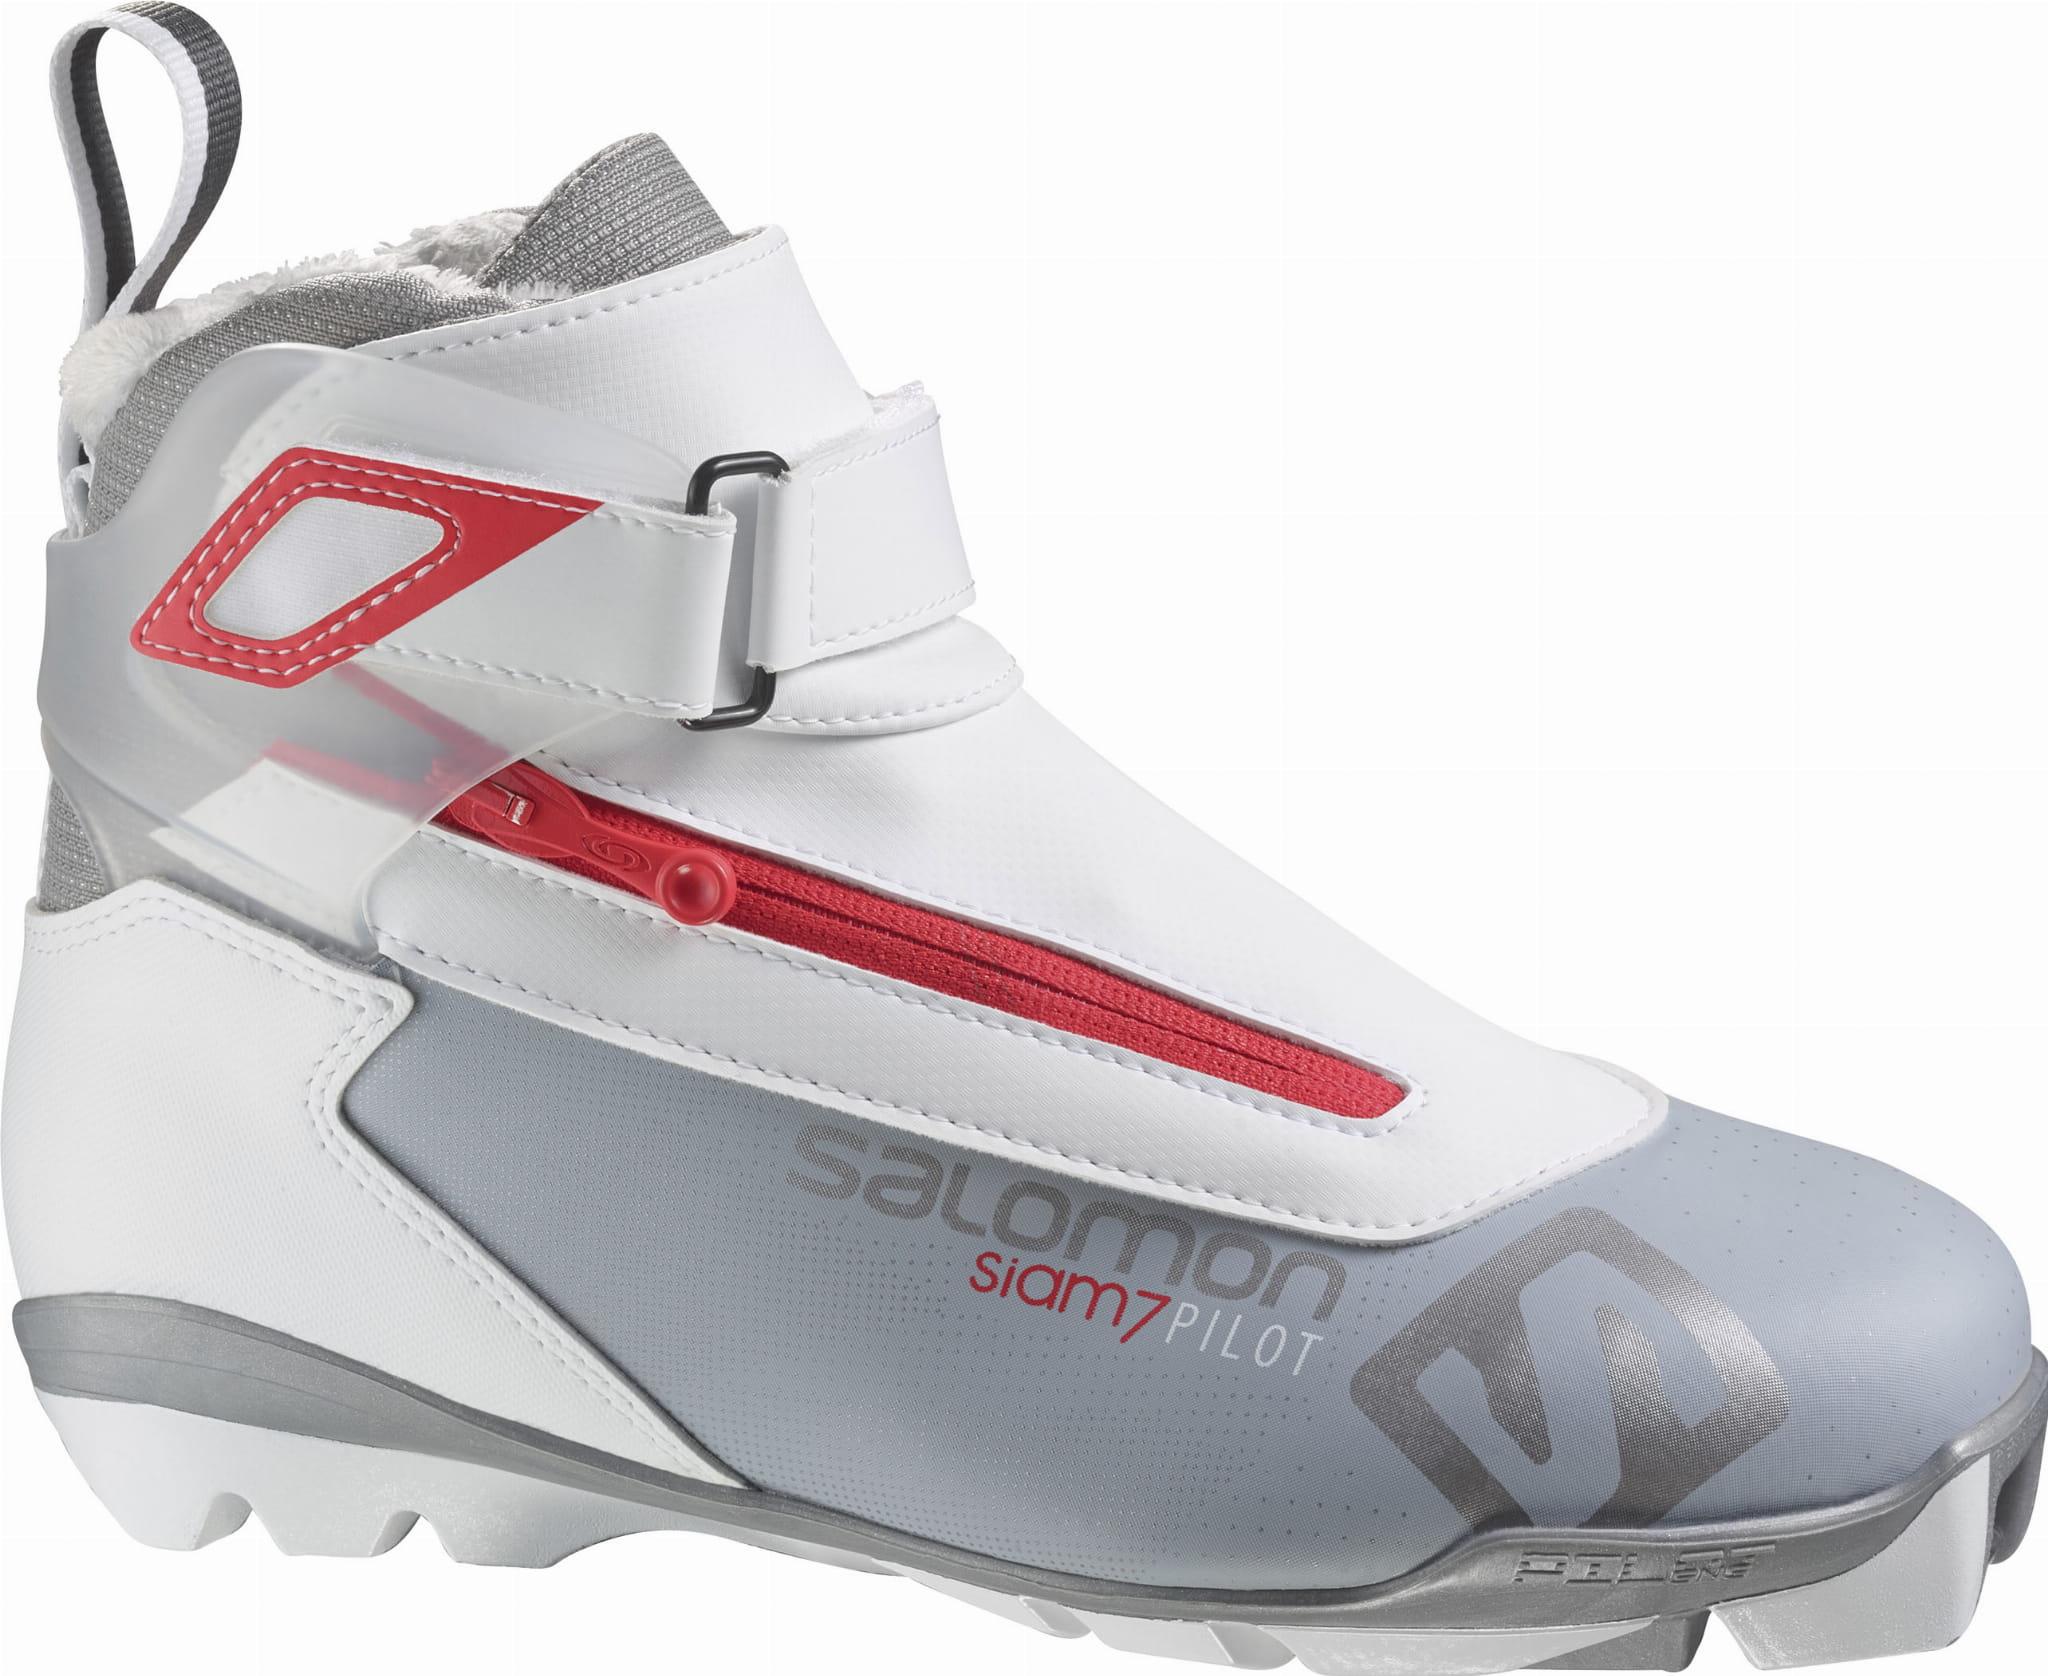 Buty biegowe Salomon Siam 9 Pilot®